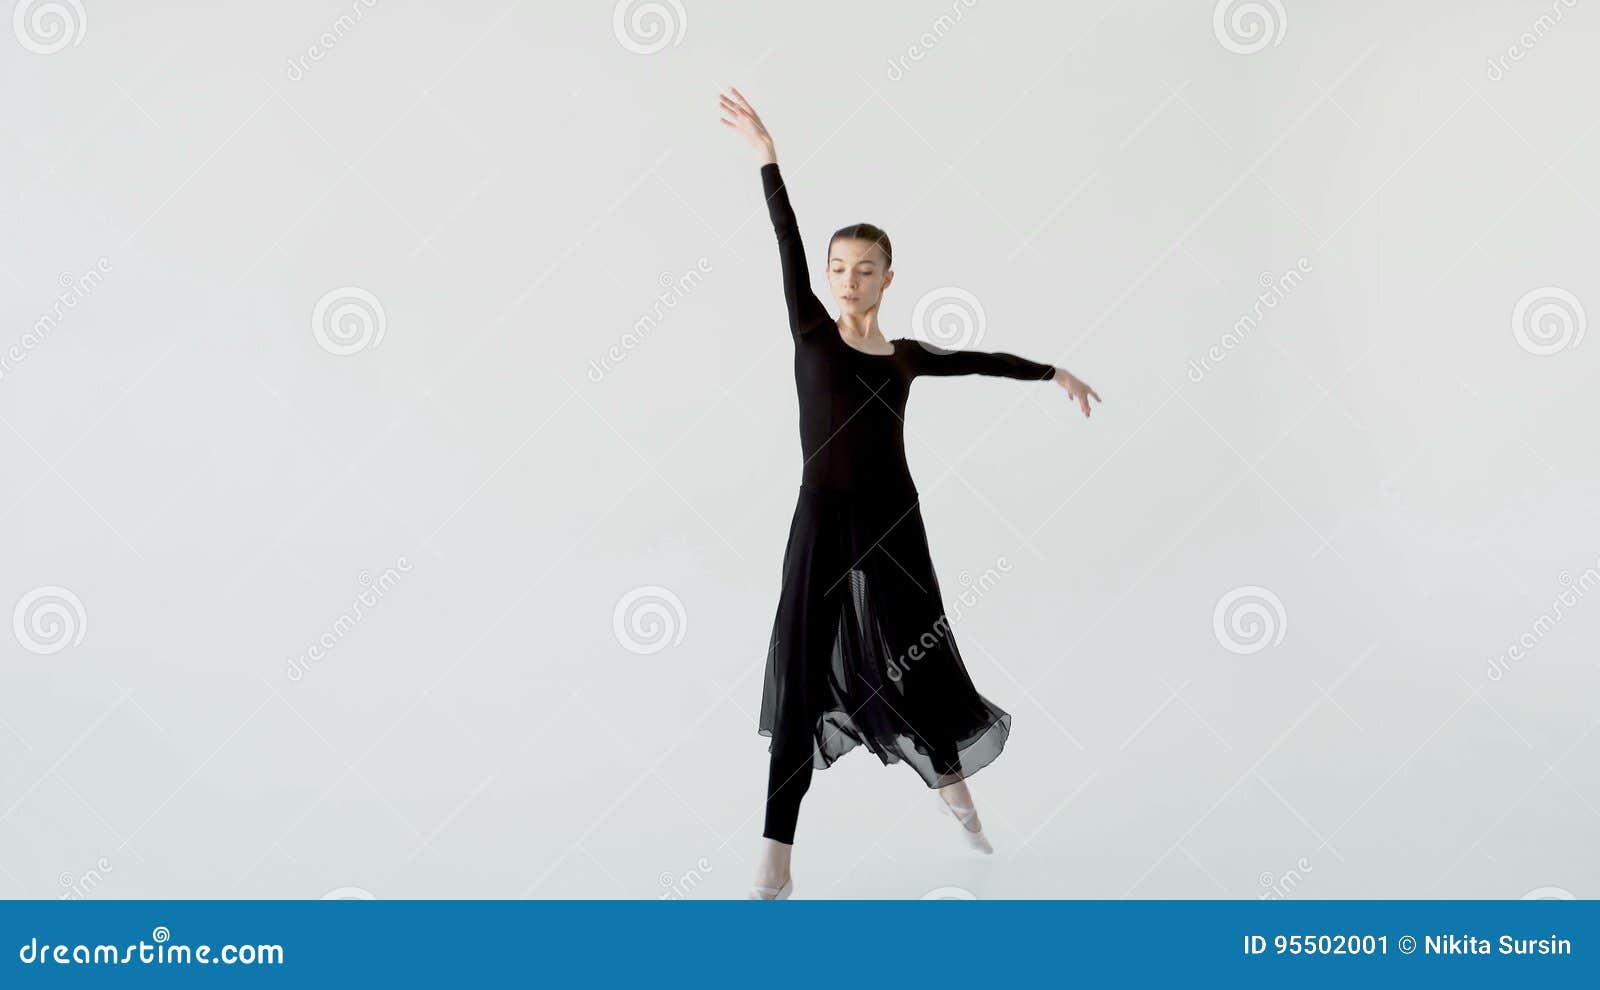 Девушка красиво танцует у окна